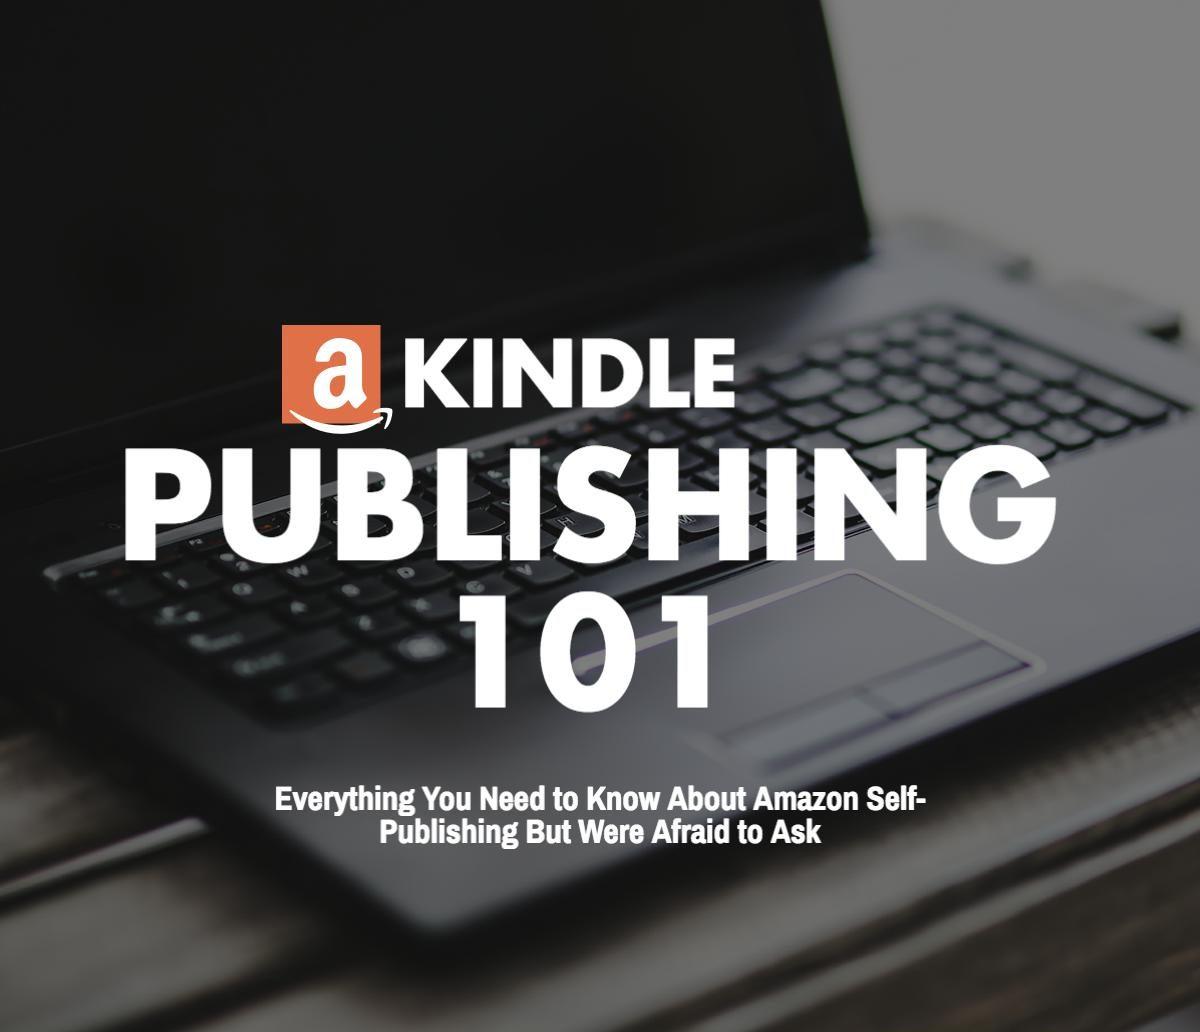 Kindle Publishing 101